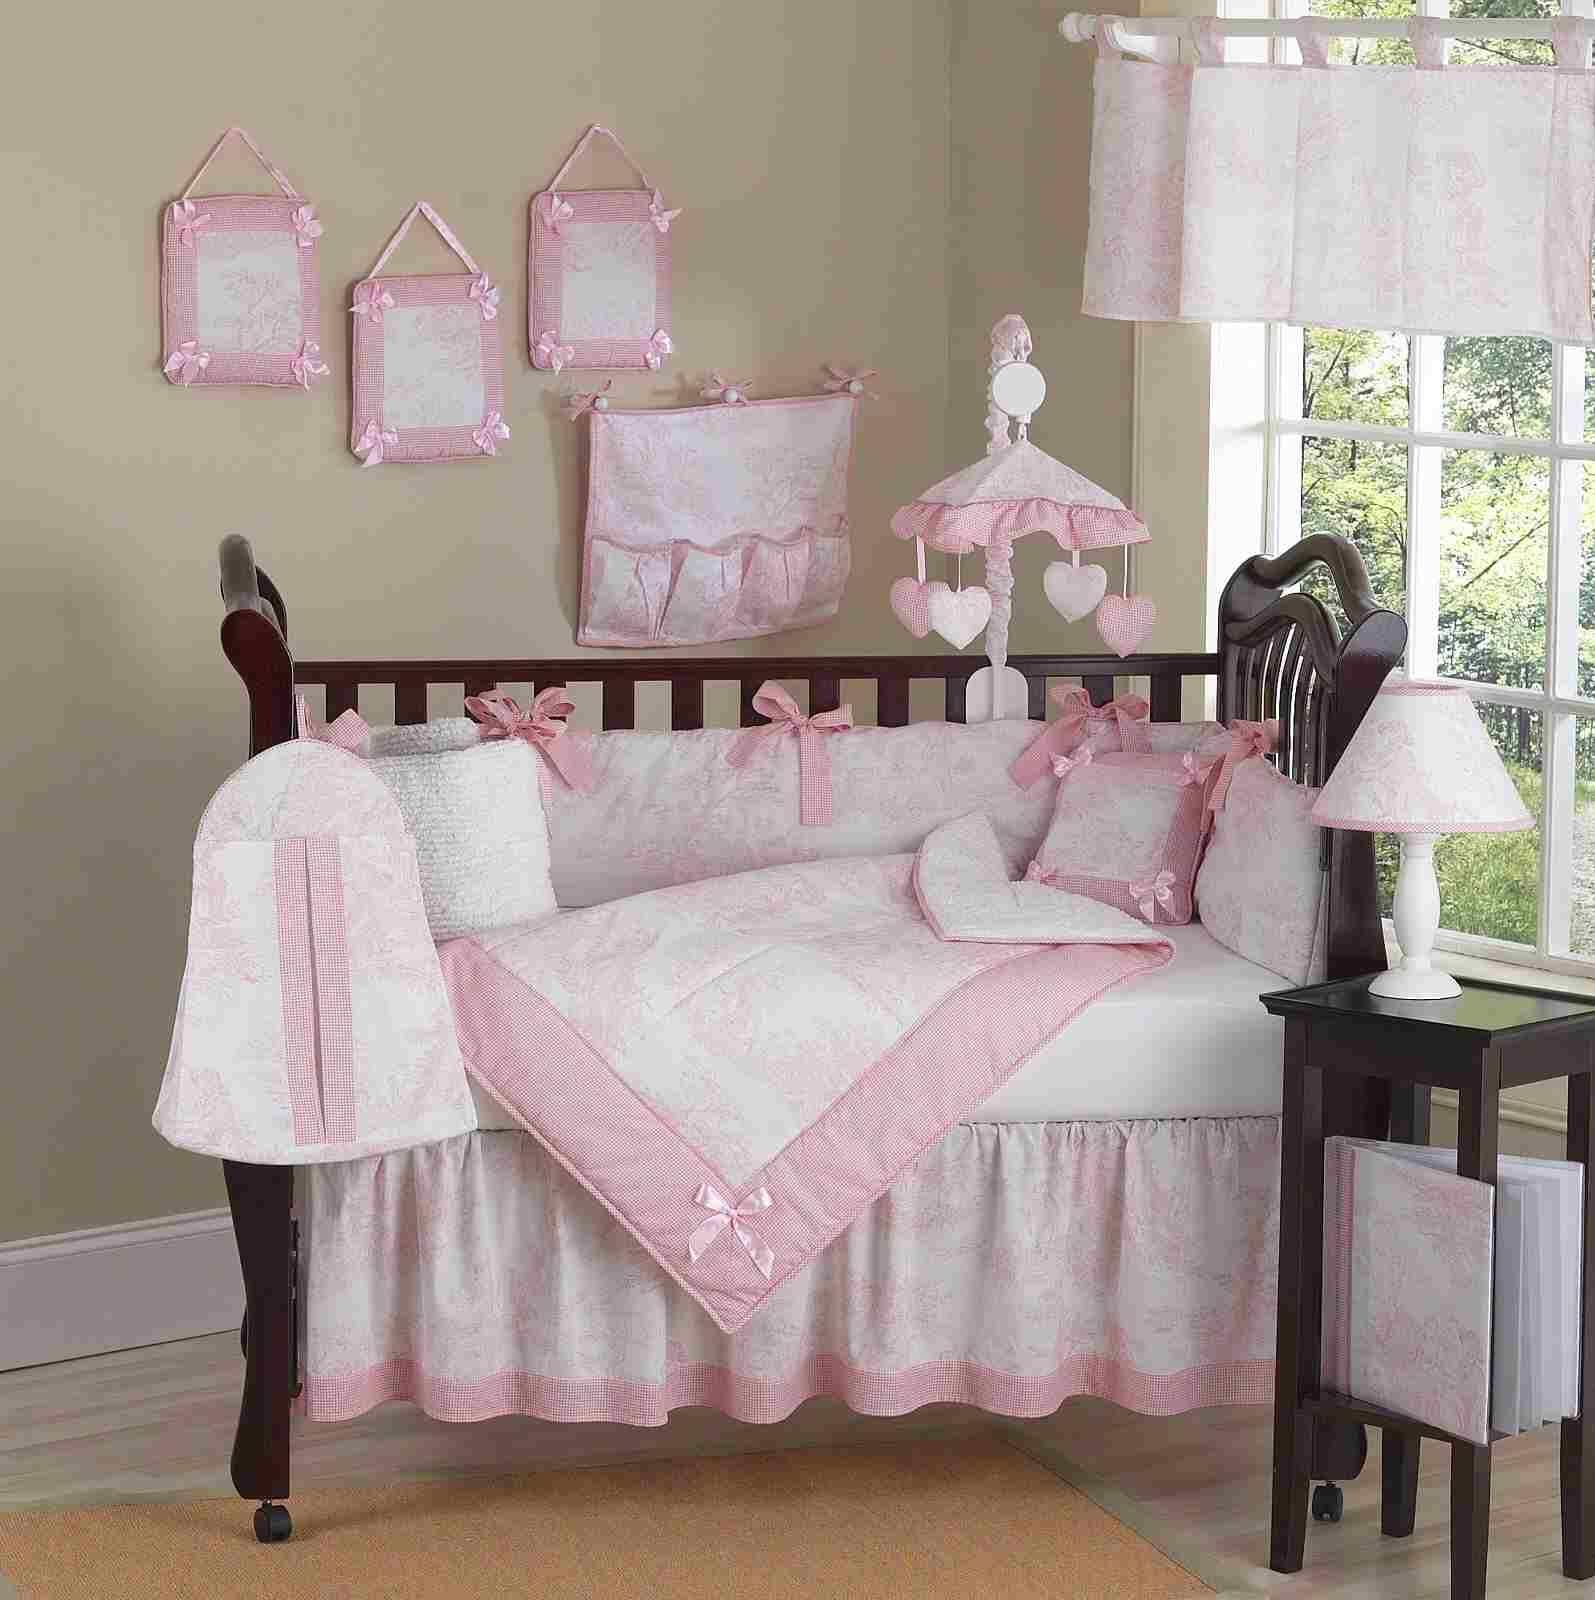 Das Babyzimmer Fur Kleine Prinzen Und Kleine Prinzessinnen